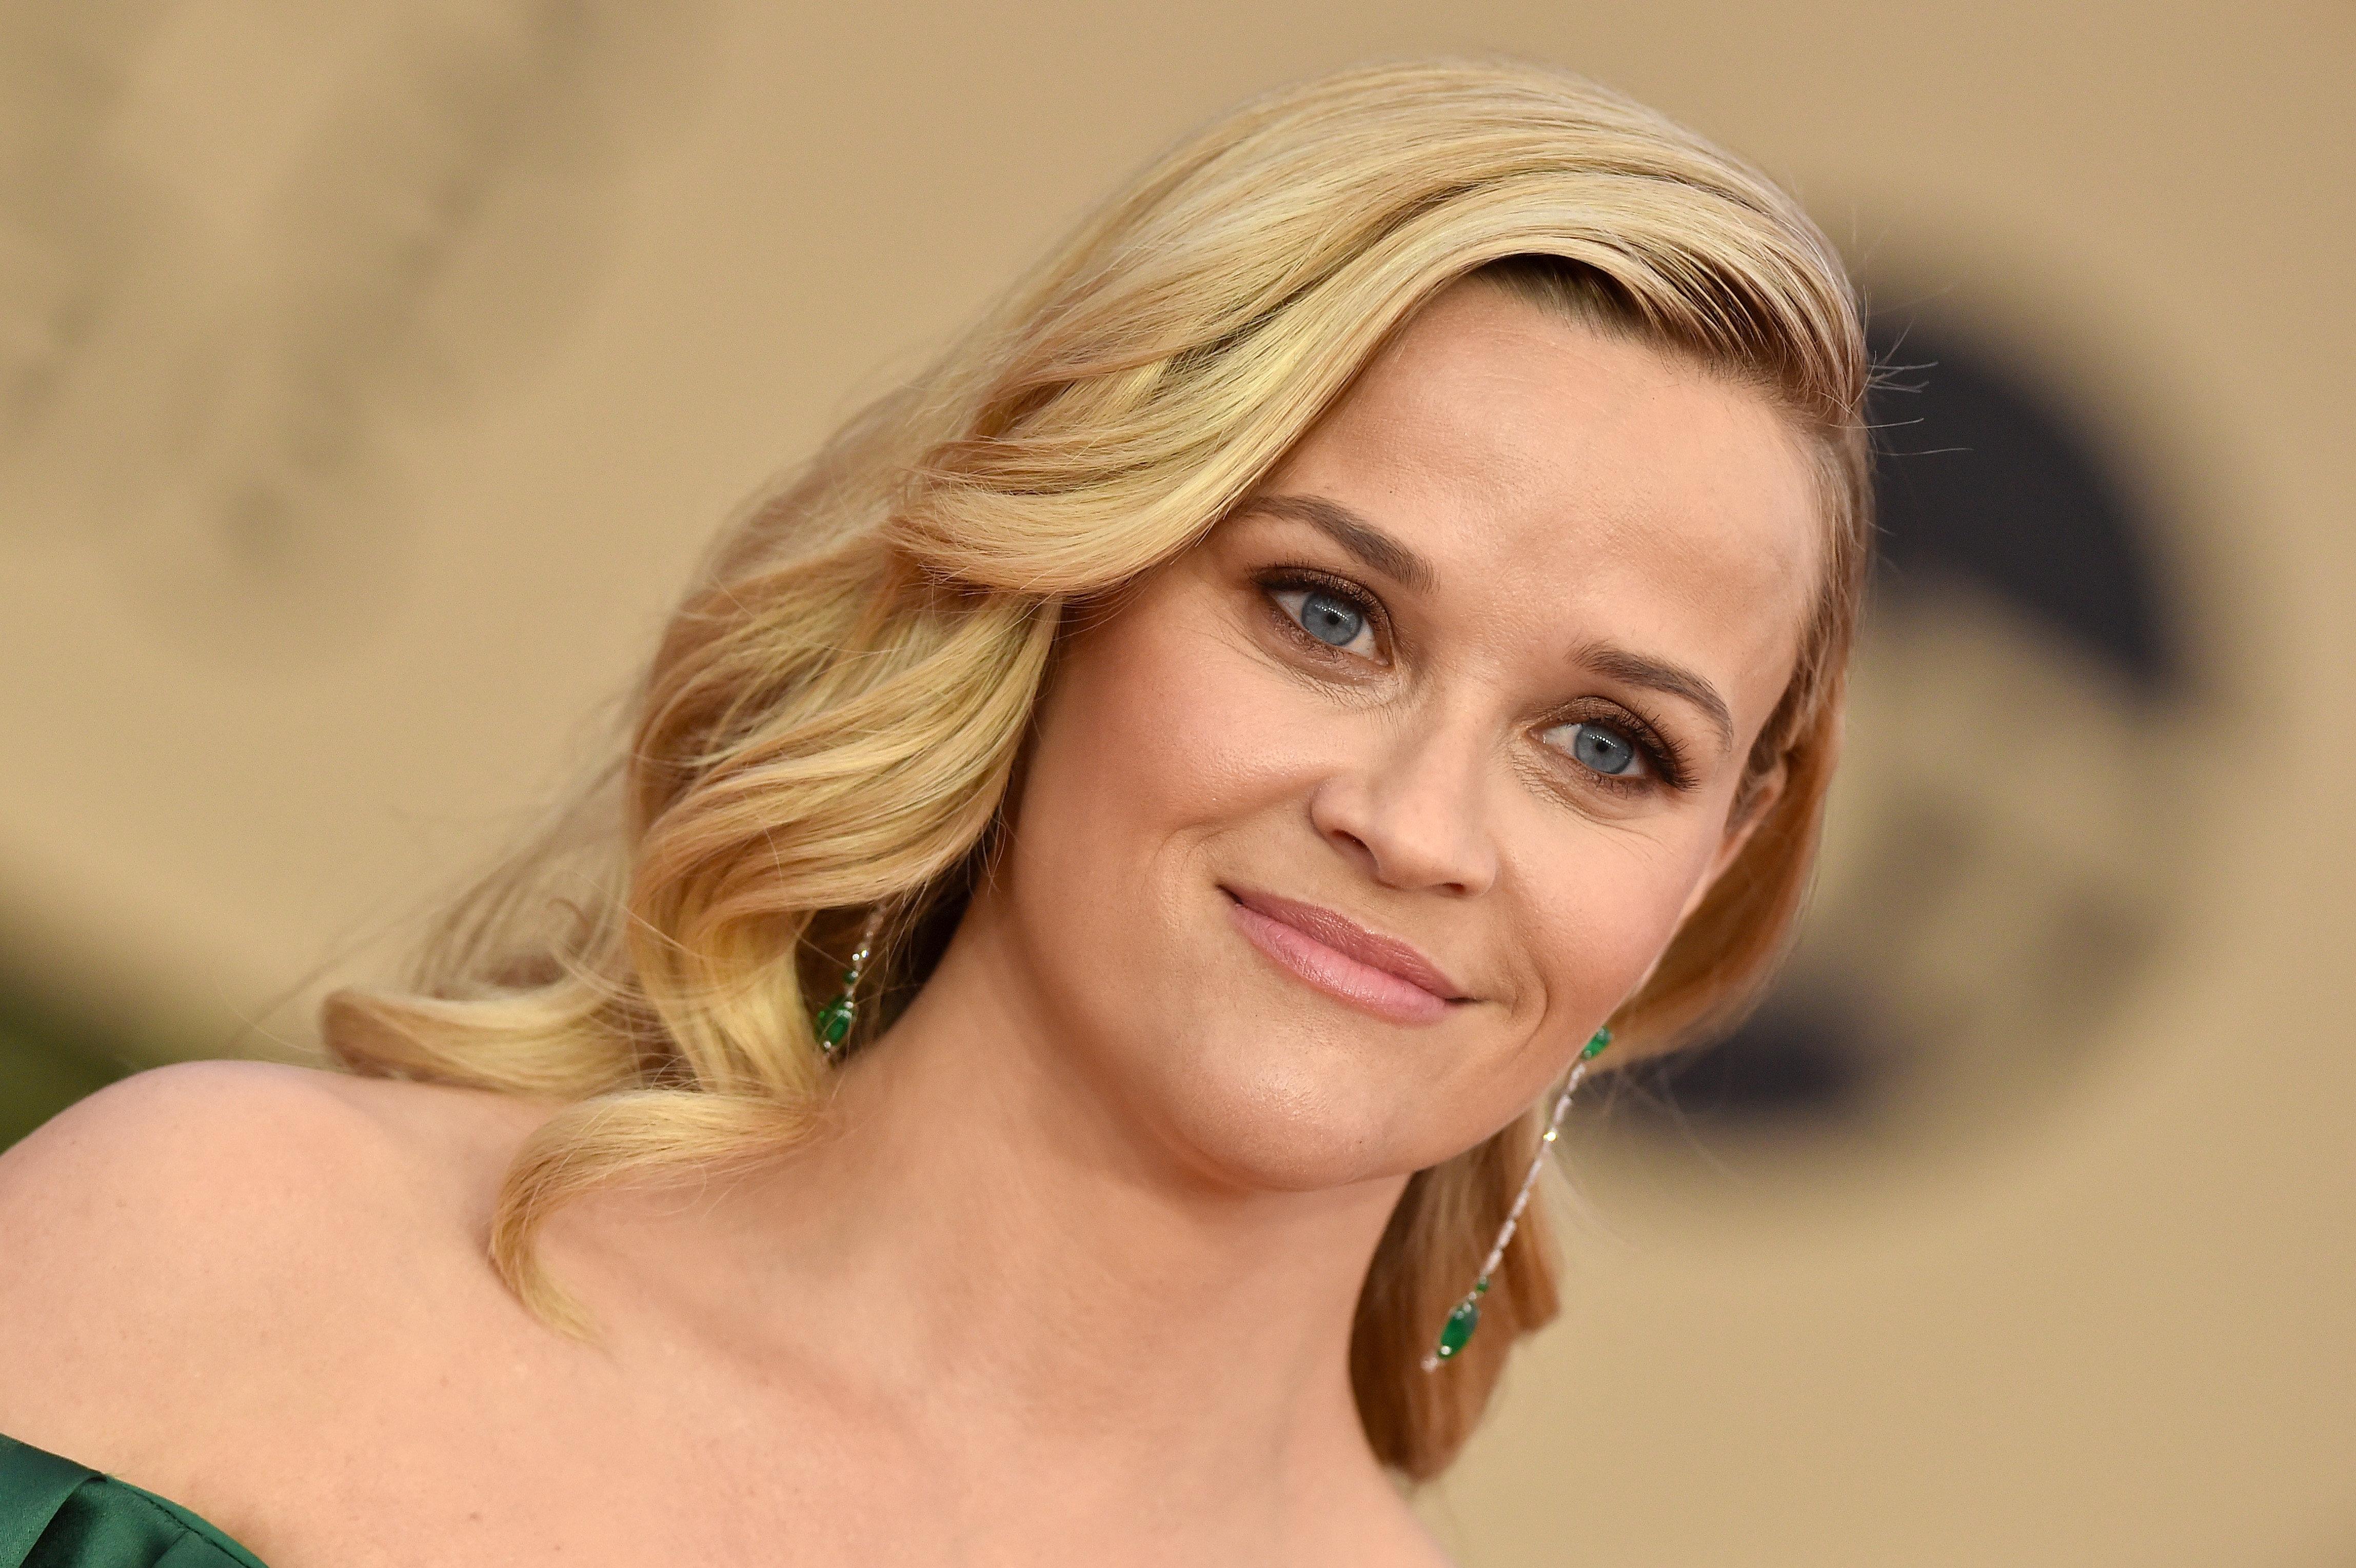 Η Reese Witherspoon εξομολογείται στην Oprah πως μια βίαιη σχέση την άλλαξε ως